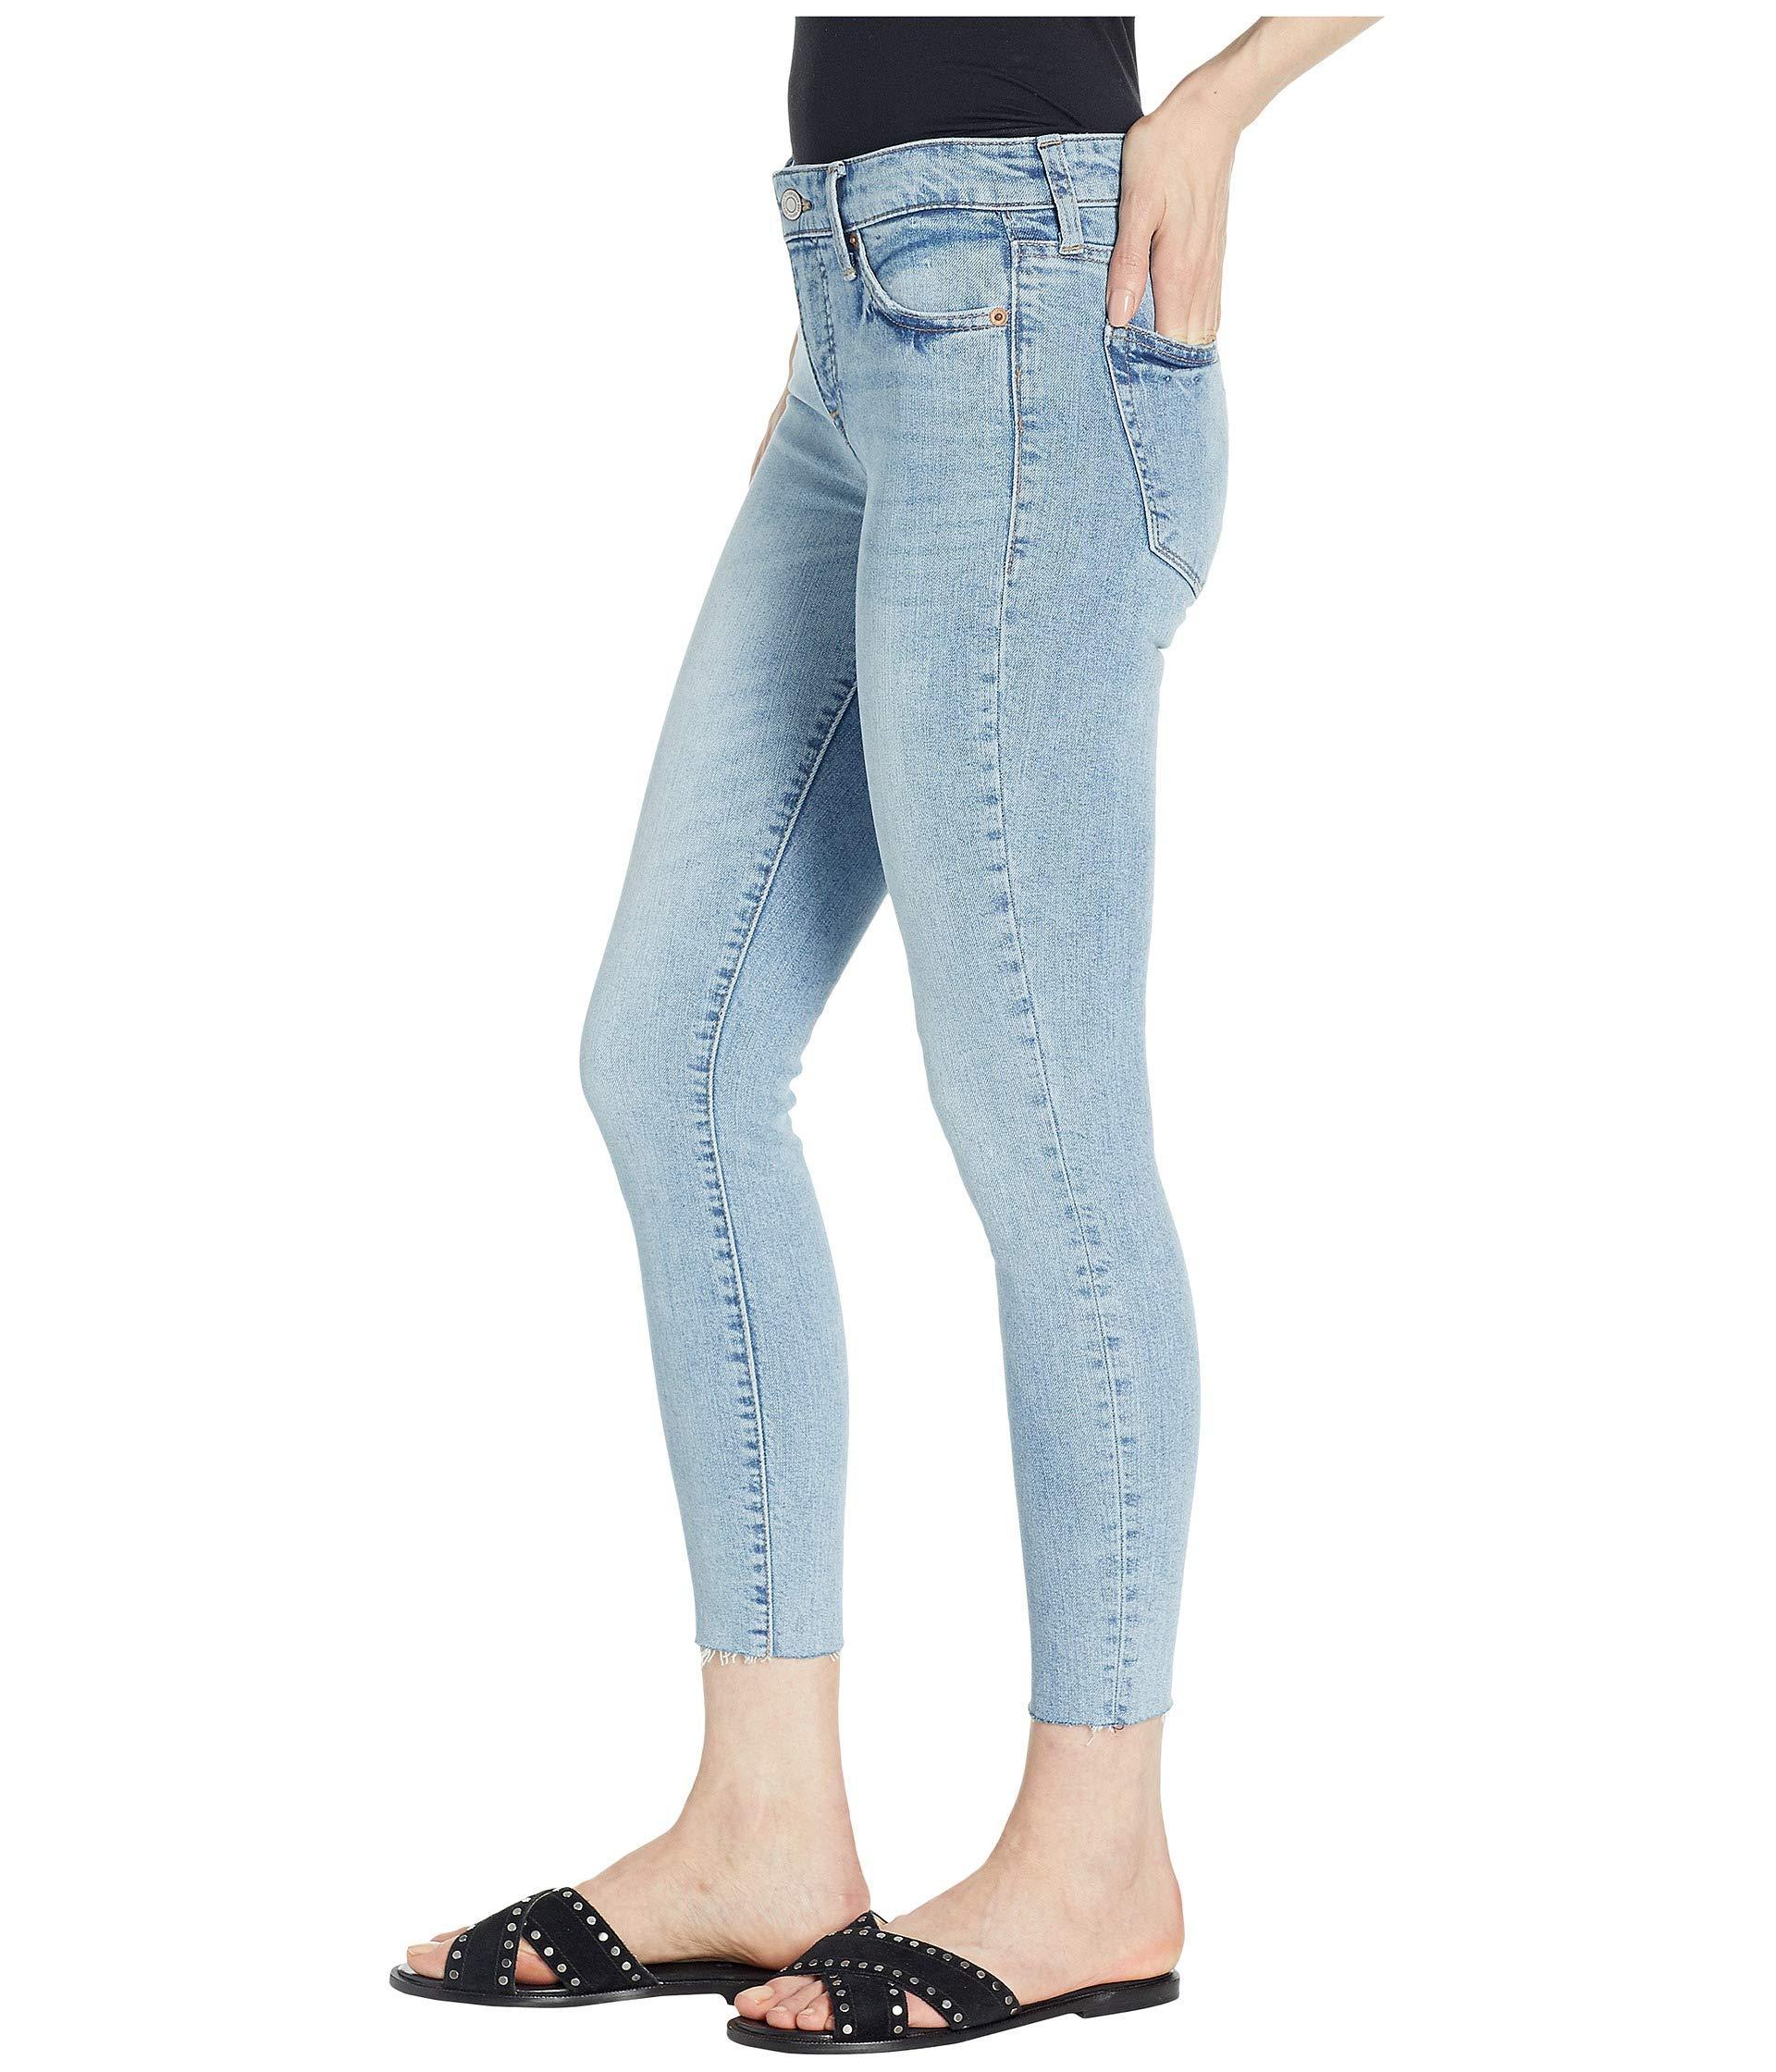 ebda315435d4a Lyst - Lucky Brand Ava Crop Jeans In Oneida (oneida) Women's Jeans in Blue